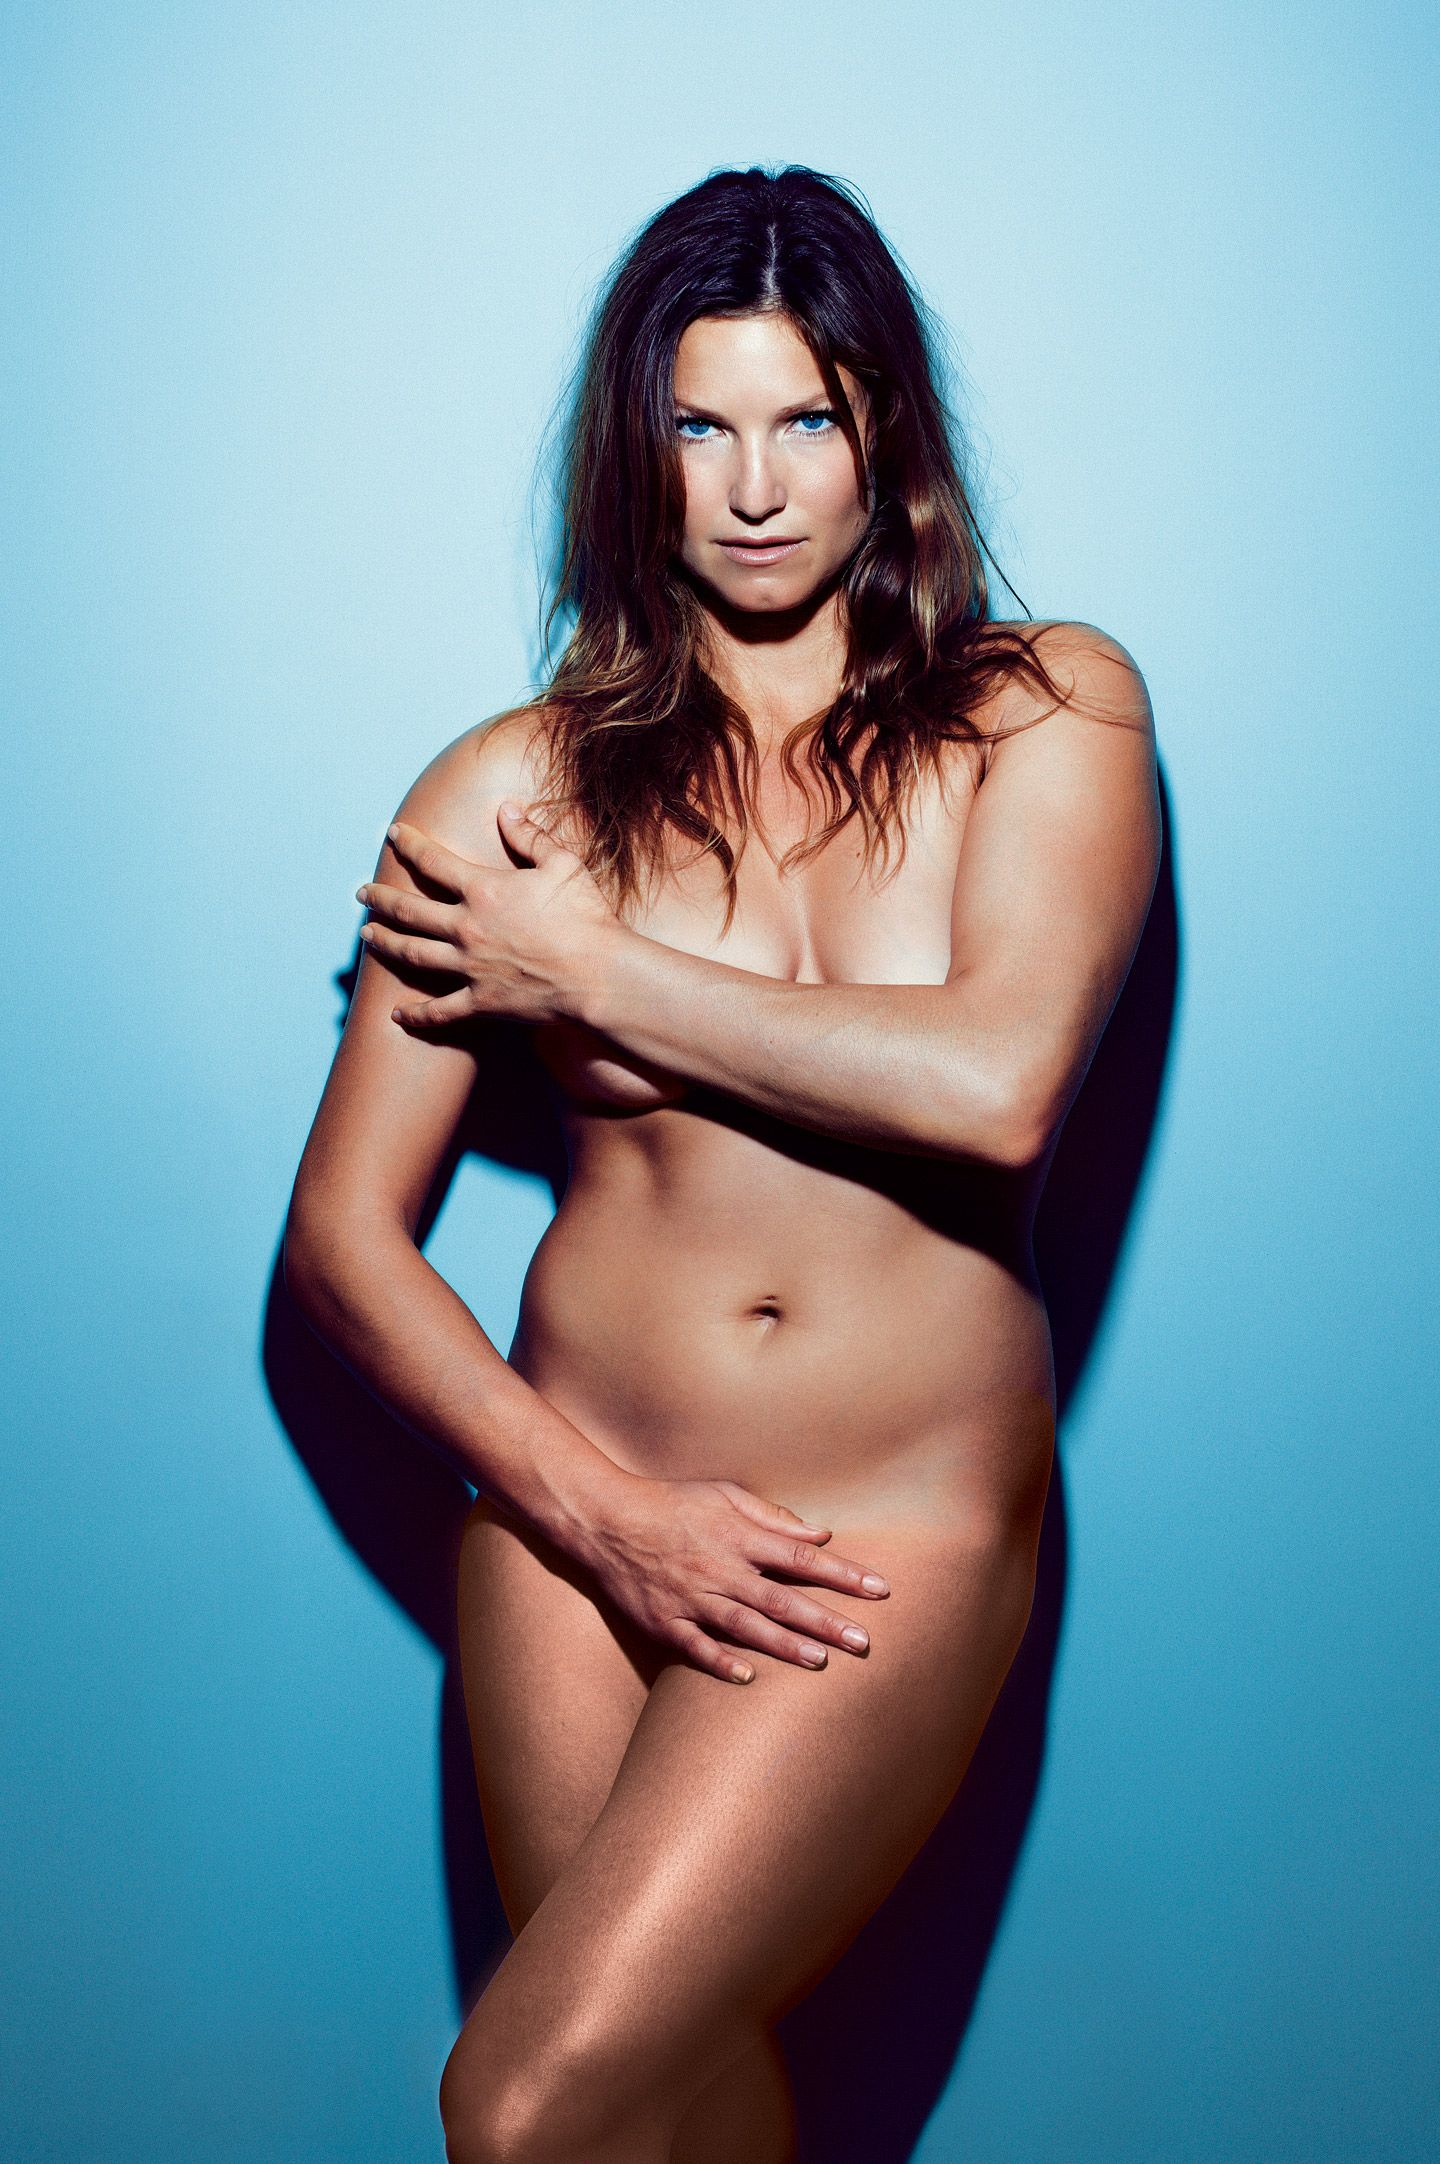 Espn The Magazine  Female Athletes, Body Issues, Athlete-2328